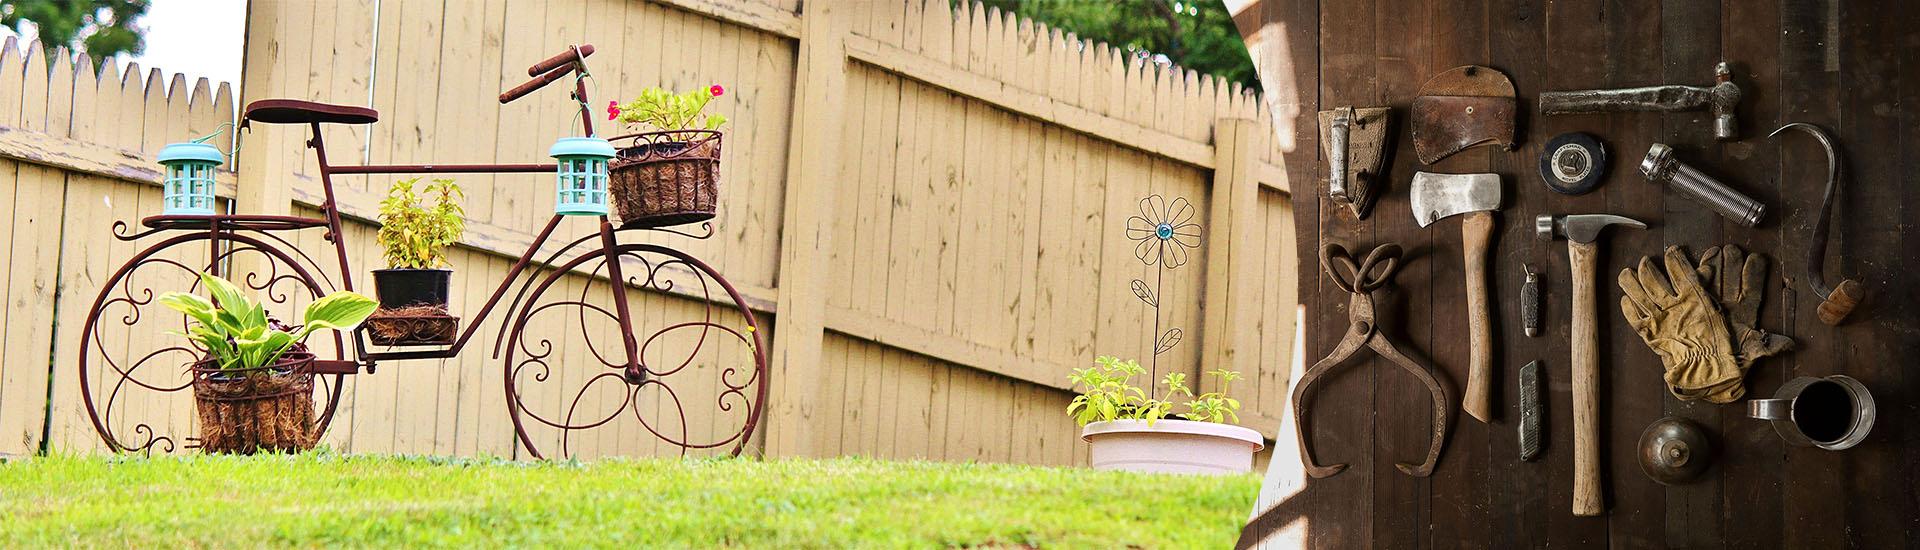 L'ADMR réalise vos travaux de bricolage et de jardinage à domicile